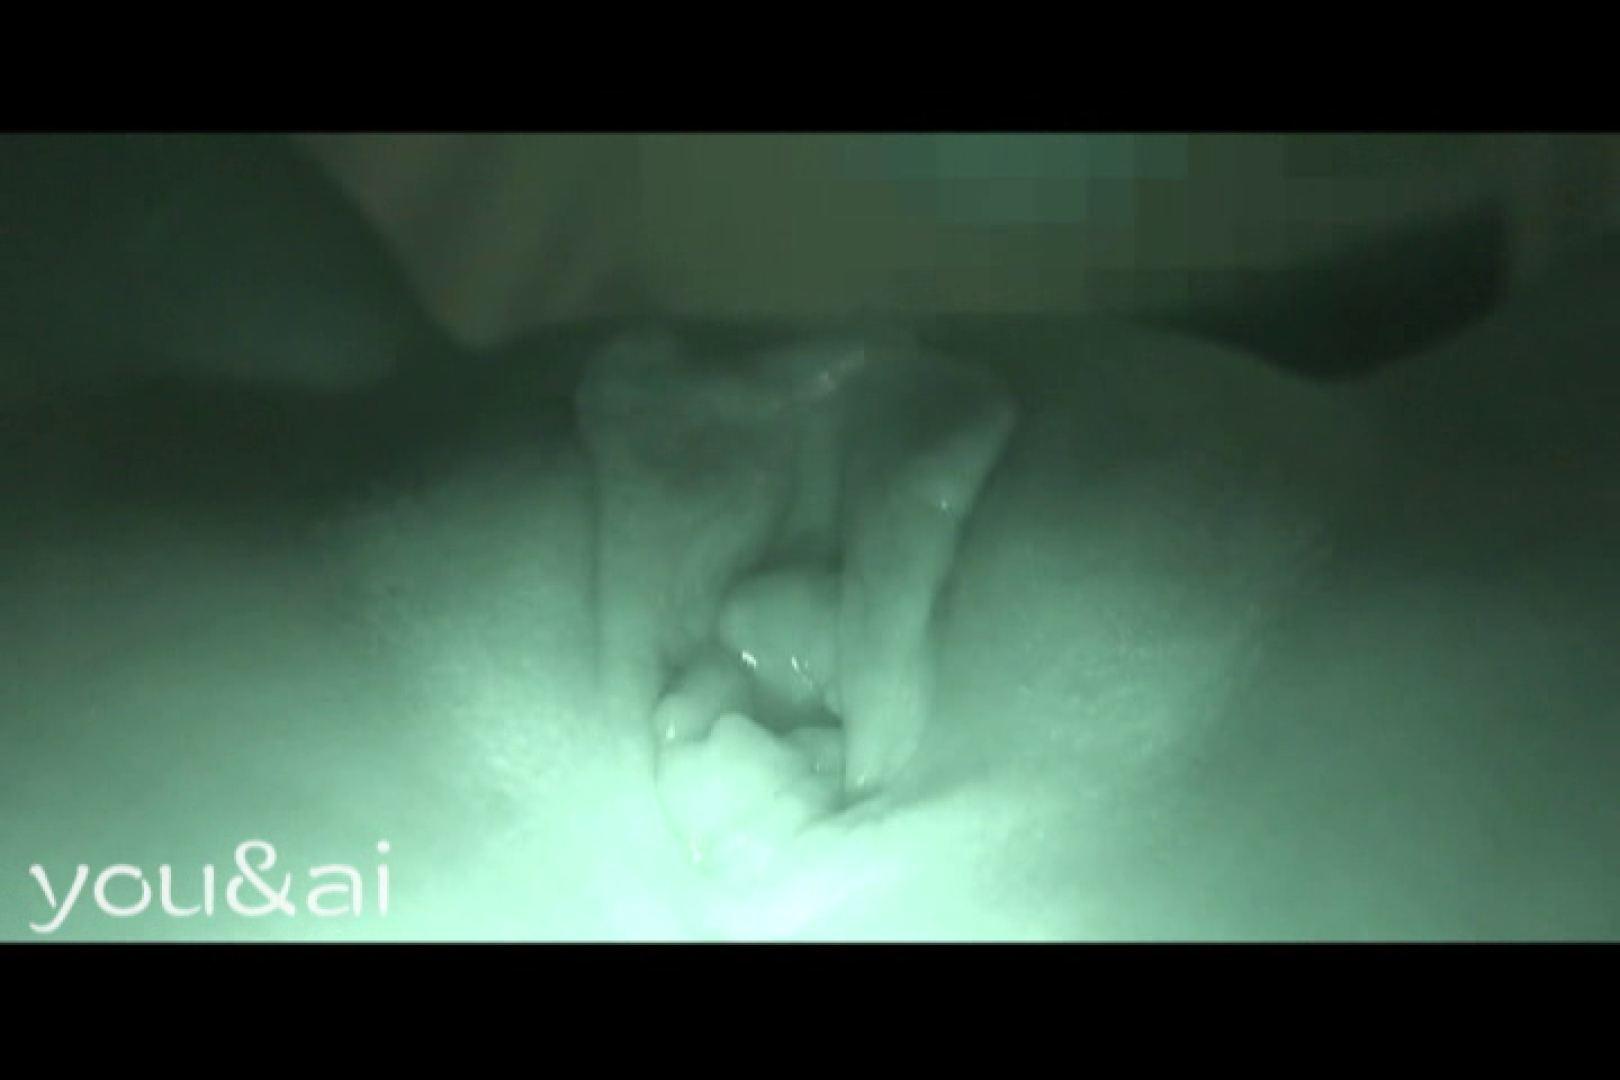 一穴入魂 生理中の熟女に入魂 一般投稿 | ギャル達のSEX  70画像 18